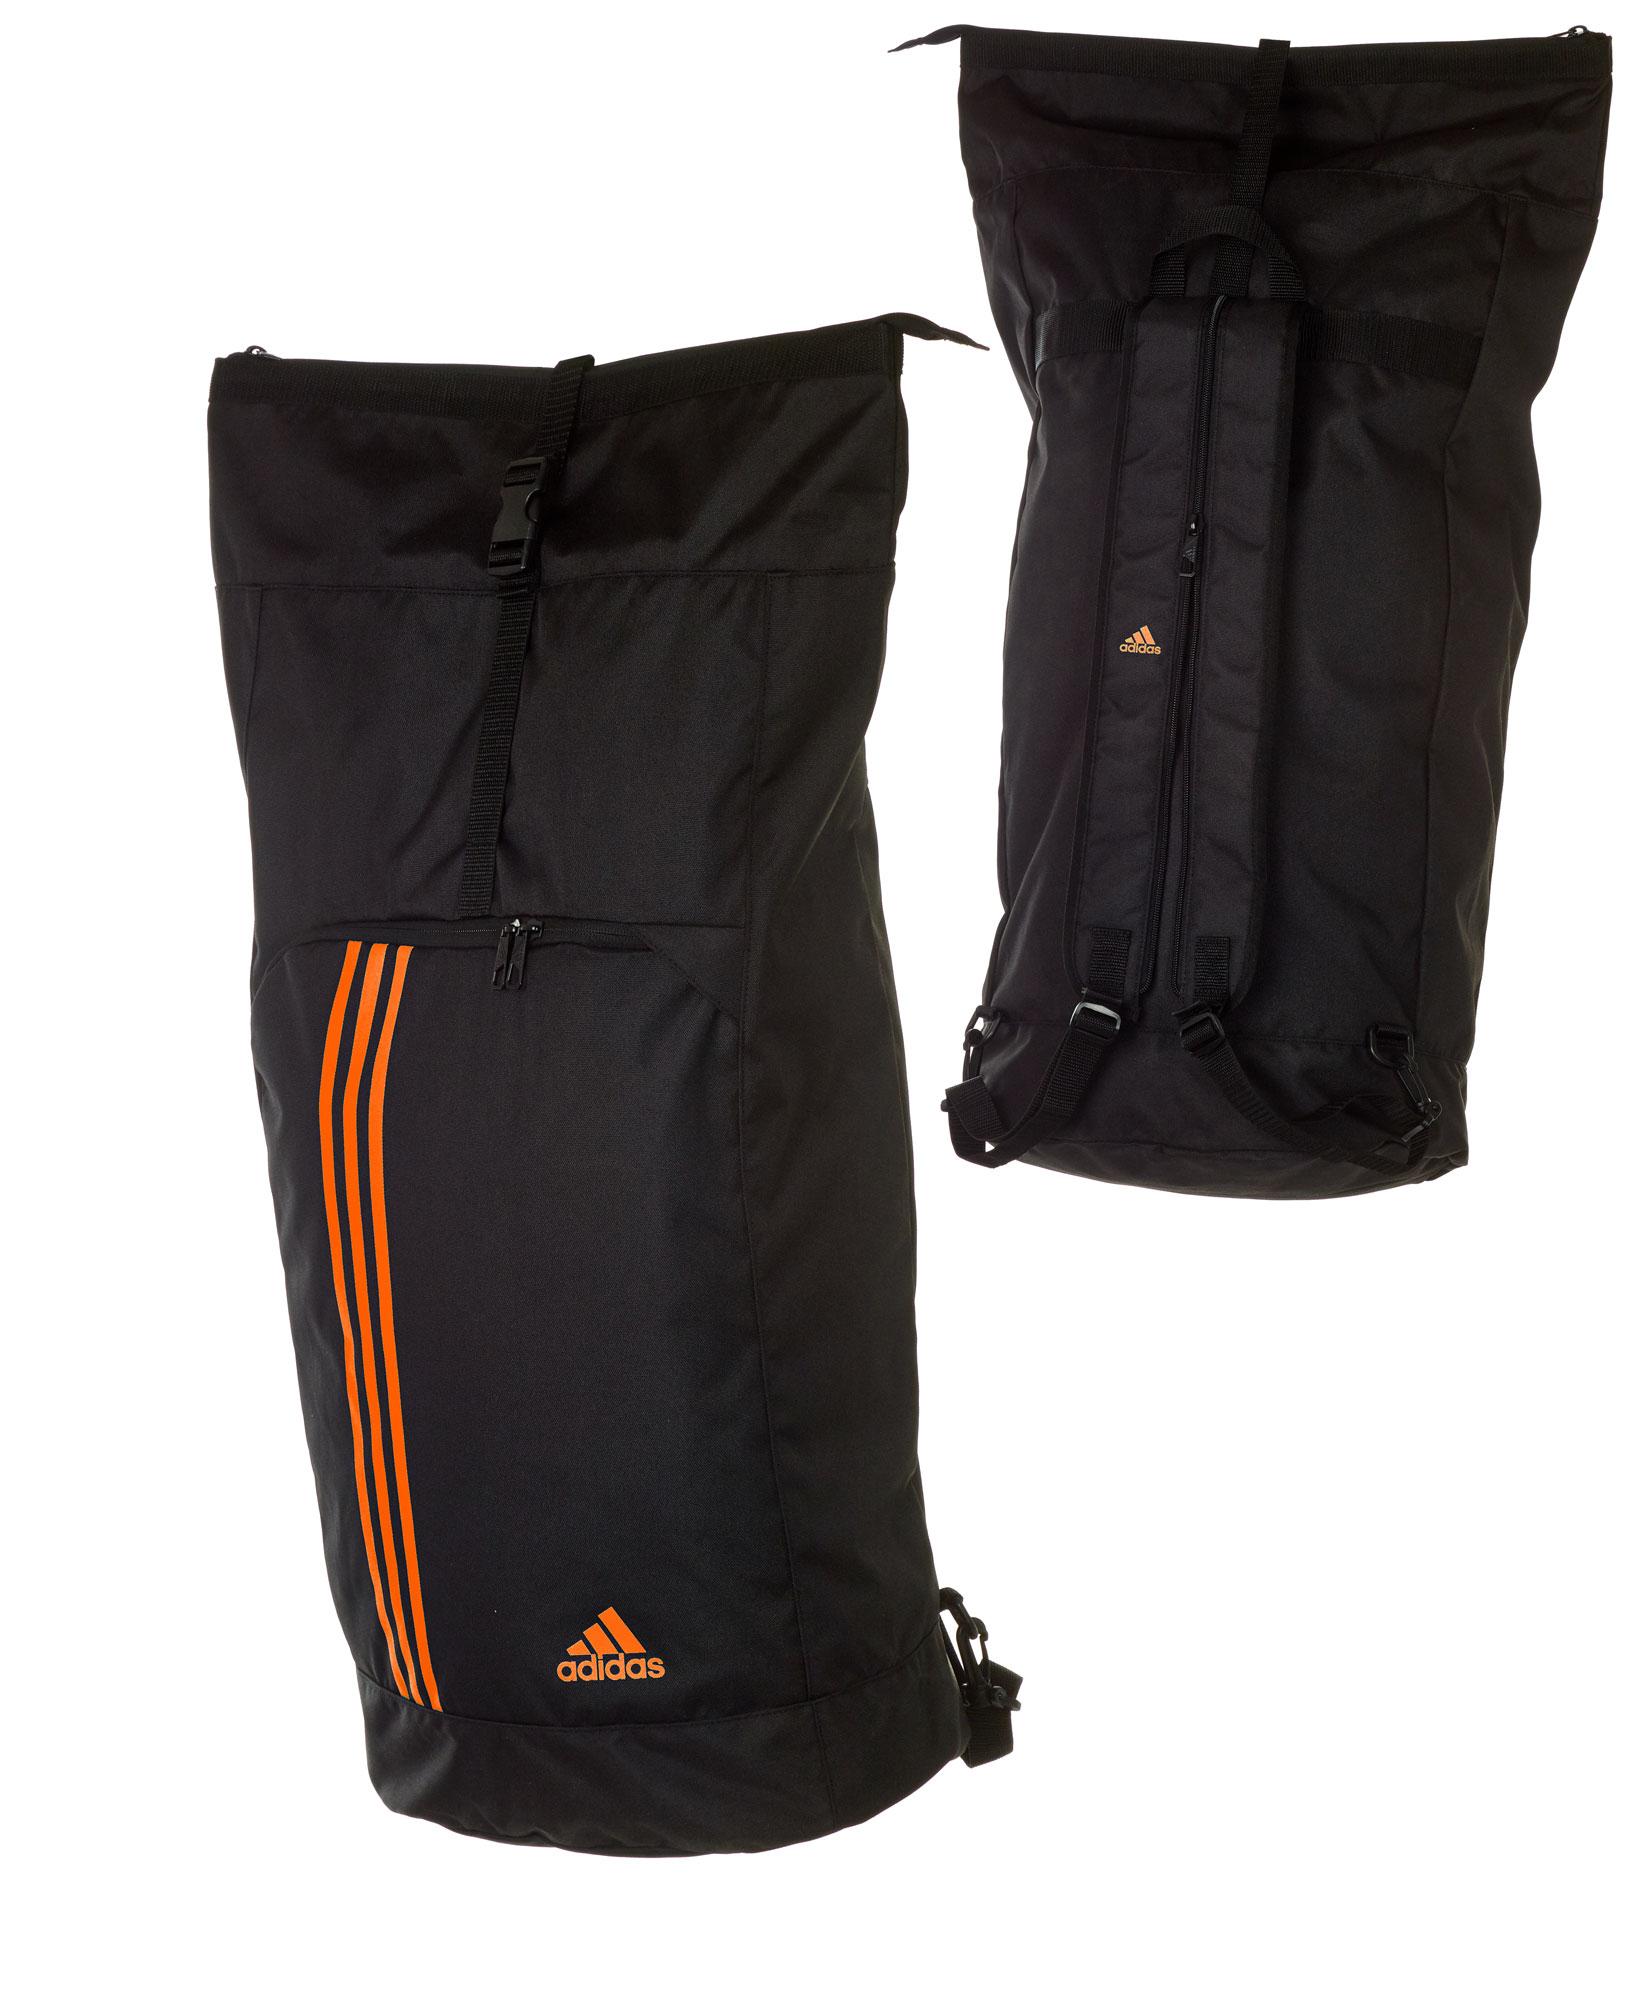 adidas seesack sporttasche und rucksack adiacc041 l schwarz orange g nstig bei sport und spiel 99. Black Bedroom Furniture Sets. Home Design Ideas